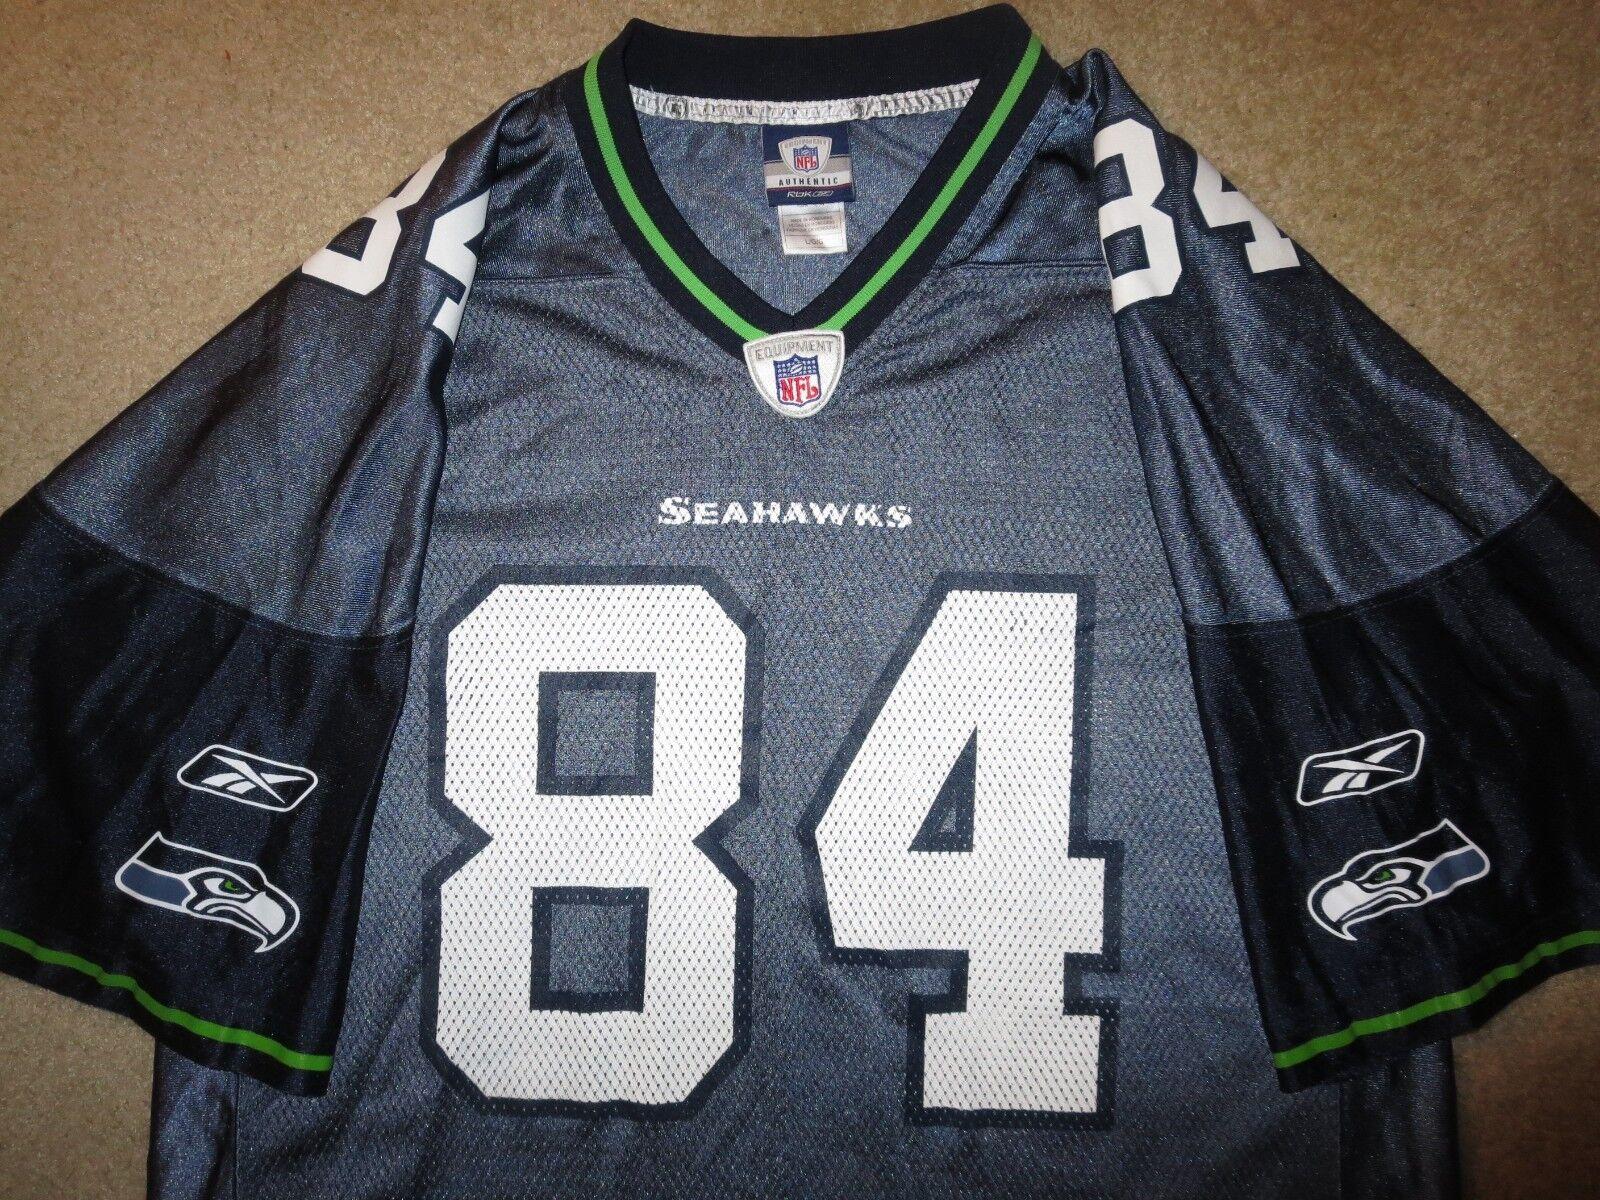 Seattle Seahawks  84 84 84 Houshmandzadeh Reebok NFL Trikot L L  | Maßstab ist der Grundstein, Qualität ist Säulenbalken, Preis ist Leiter  4713c3